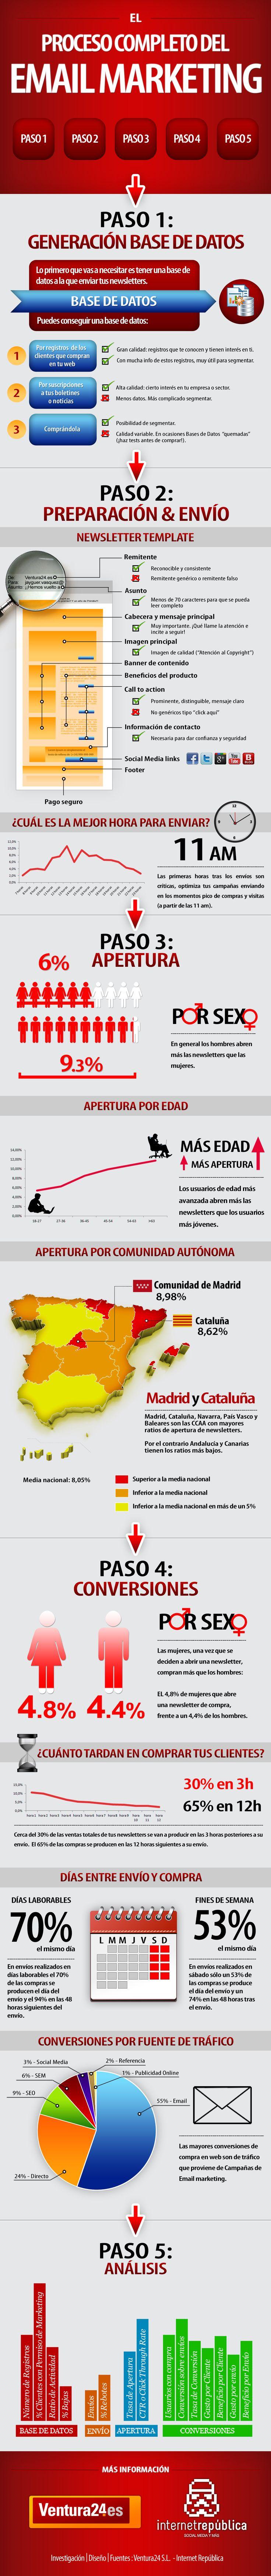 Cómo hacer un buen #emailmarketing en España. ¿Te ha resultado útil esta infografía?